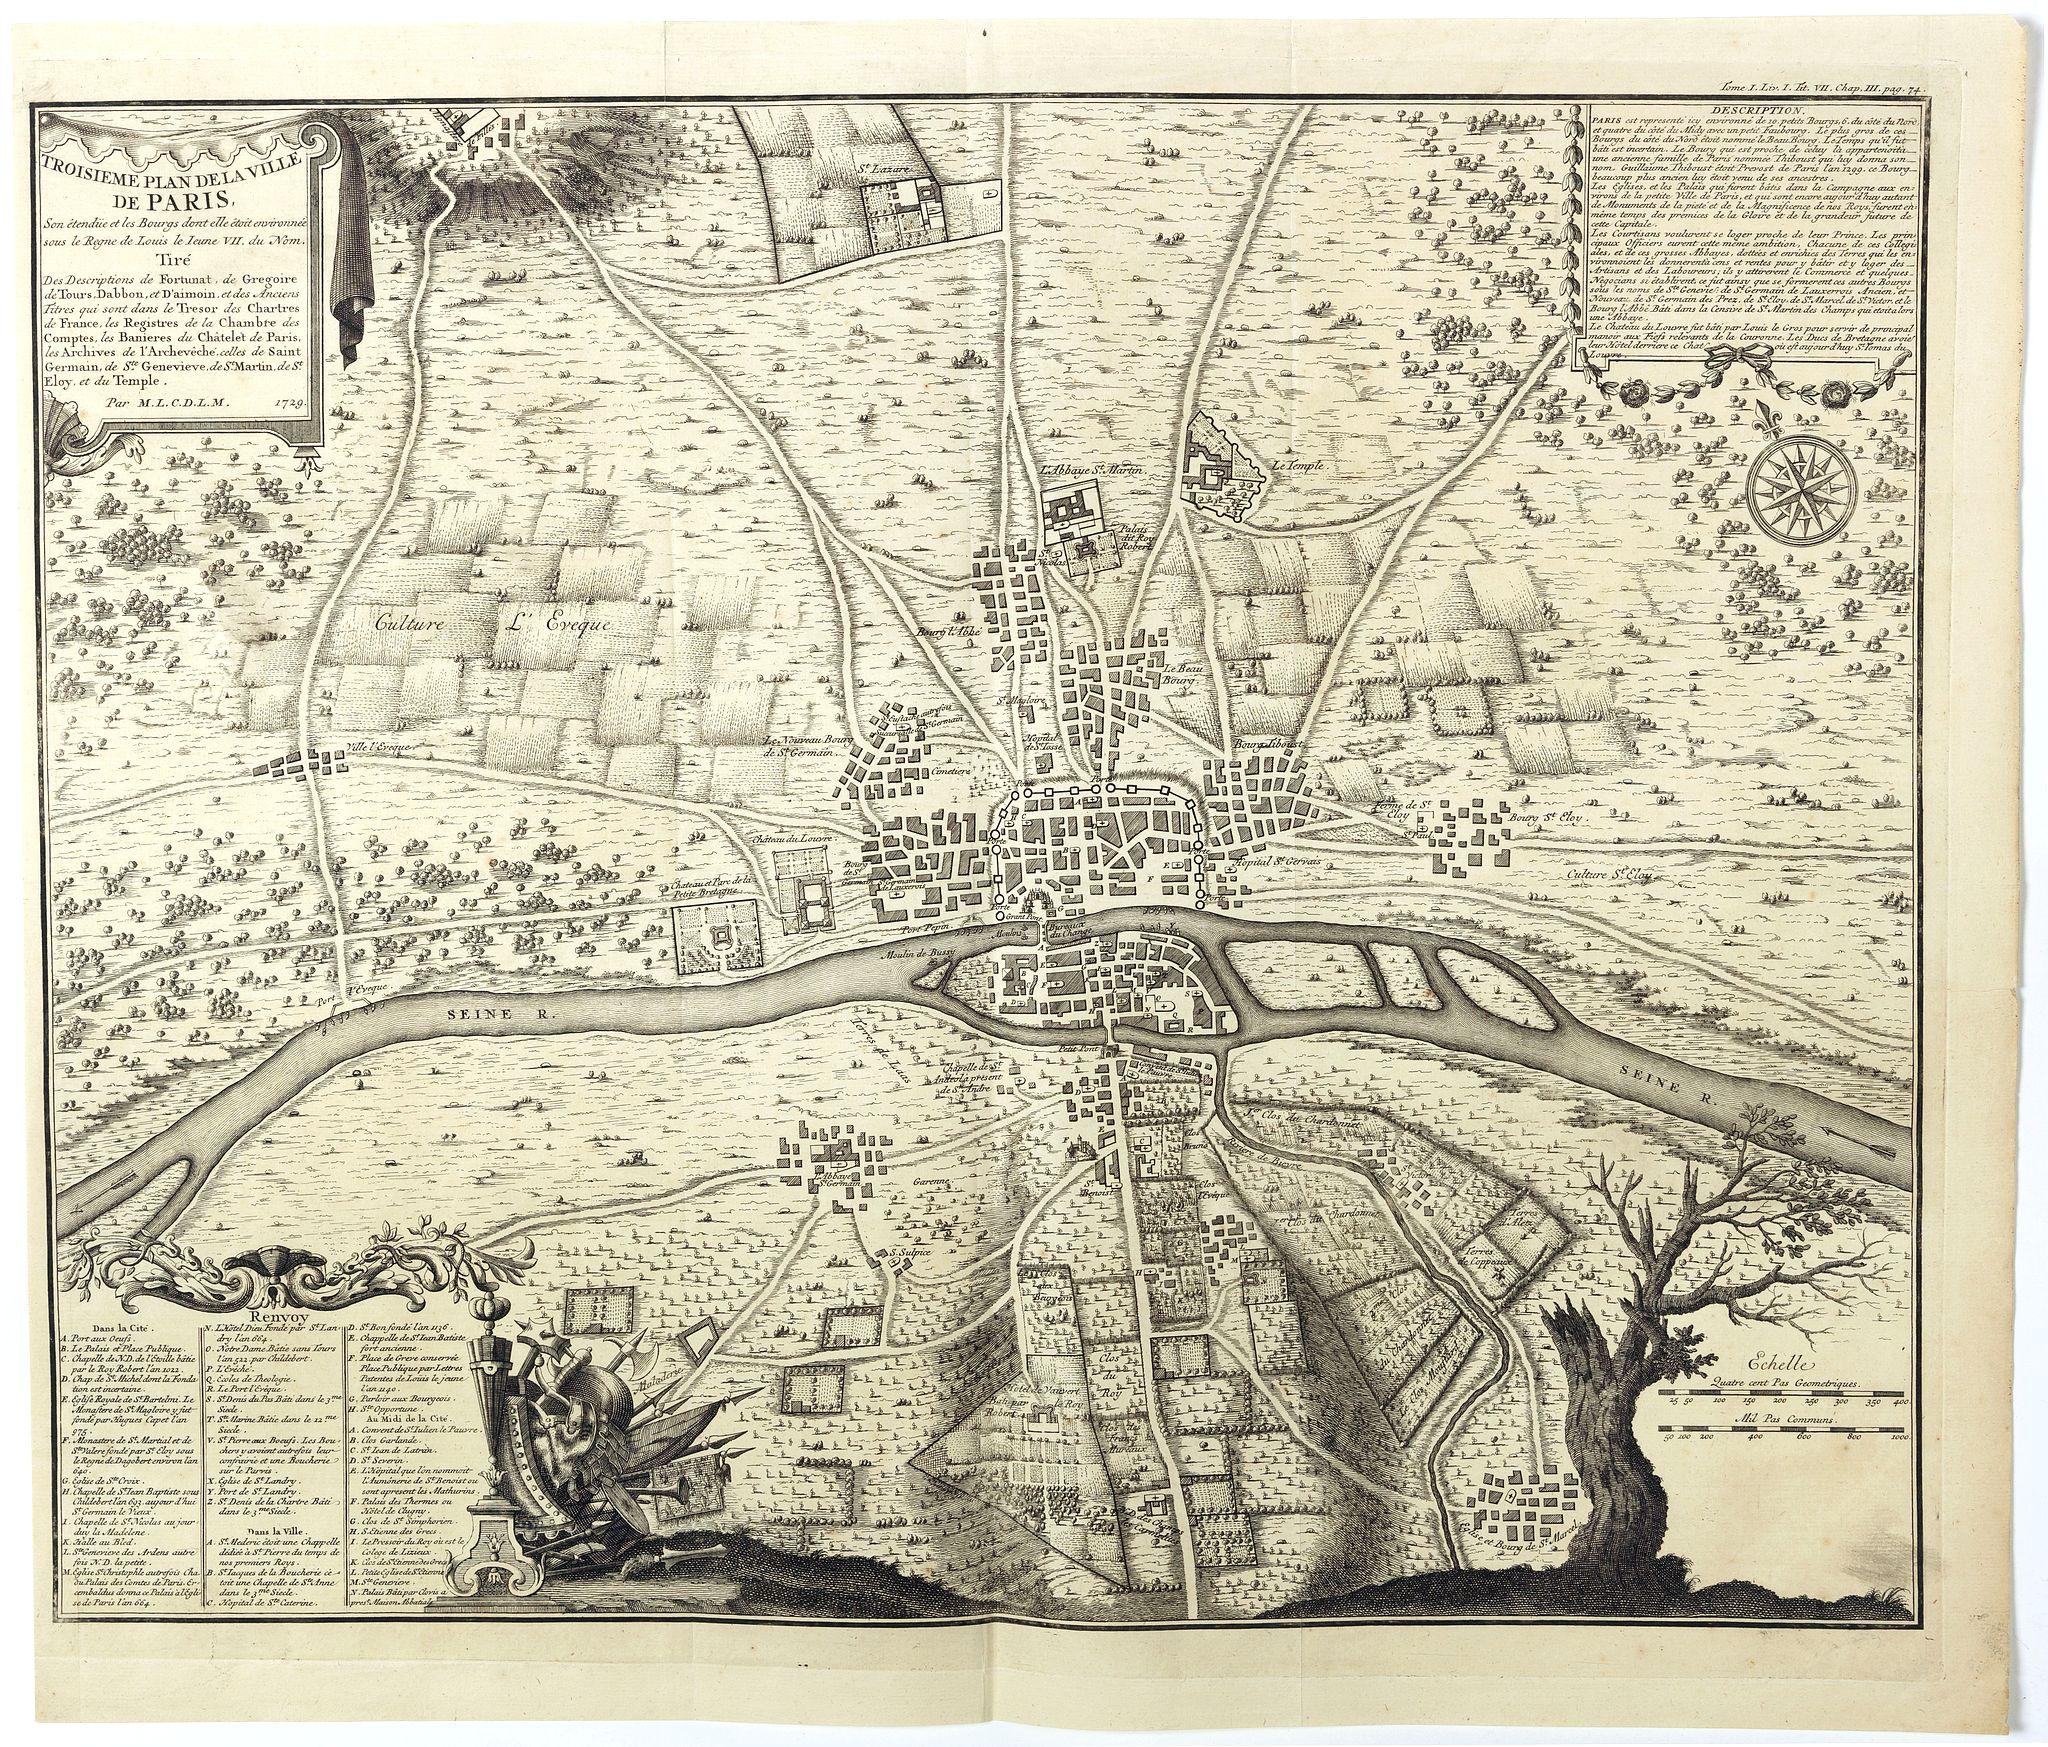 ANVILLE, Jean-Baptiste Bourguignon d'. - Troisieme plan de la ville de Paris, son étendiie et les bourgs dont elle êtoit environnée sous le regne de Loüis le Jeune, VIIe du nom [...] par M.L.C.D.L.M.